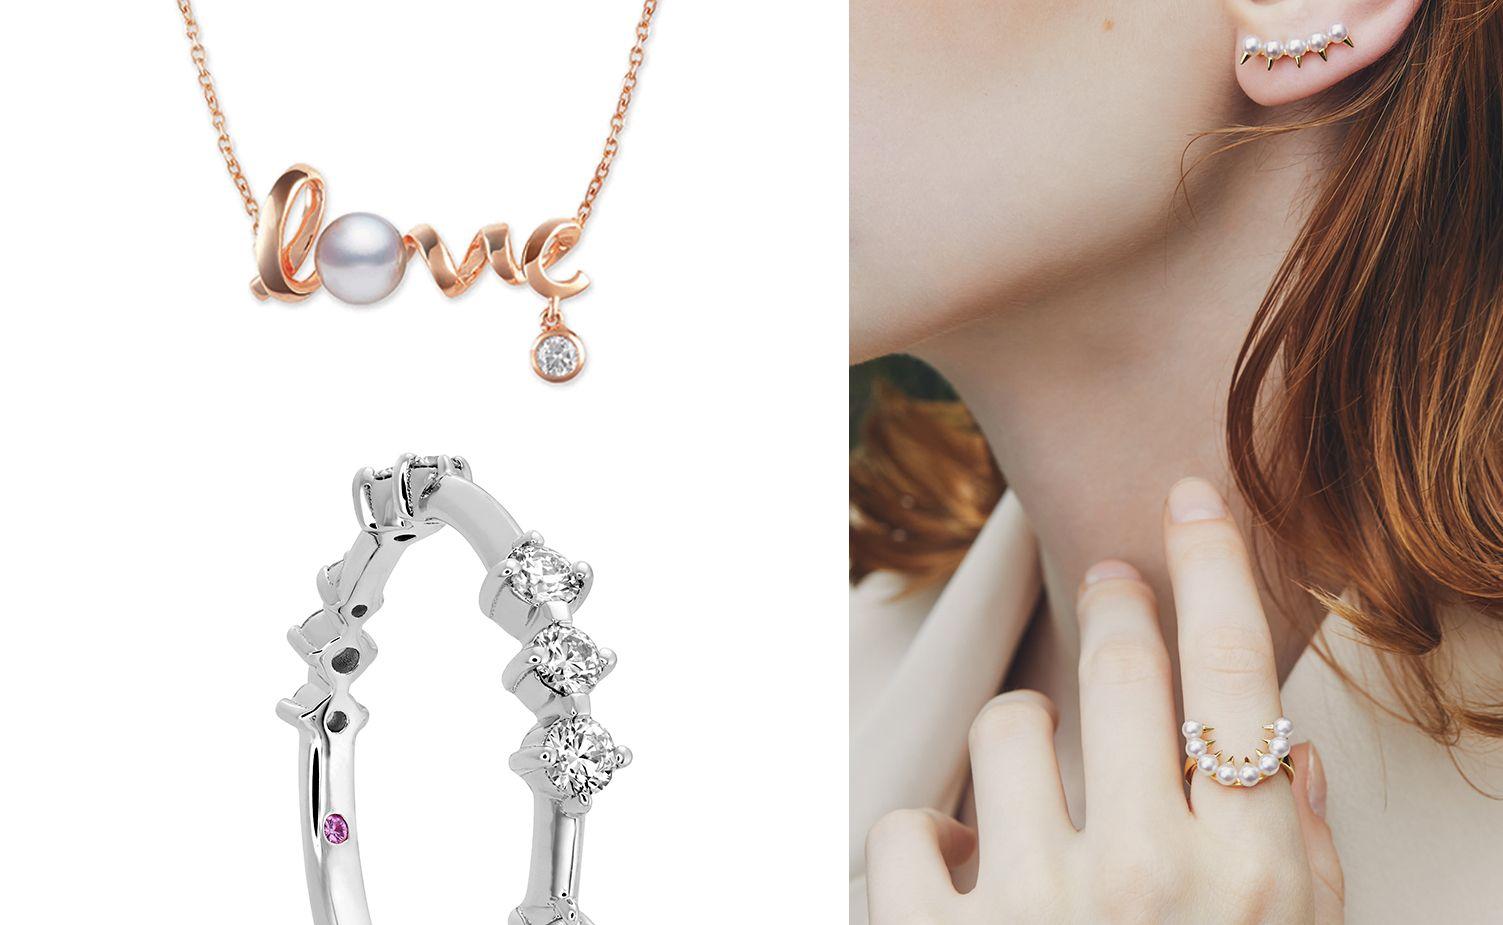 愛要大聲說!編輯精選8款特色情人節珠寶,獻給最獨一無二的她